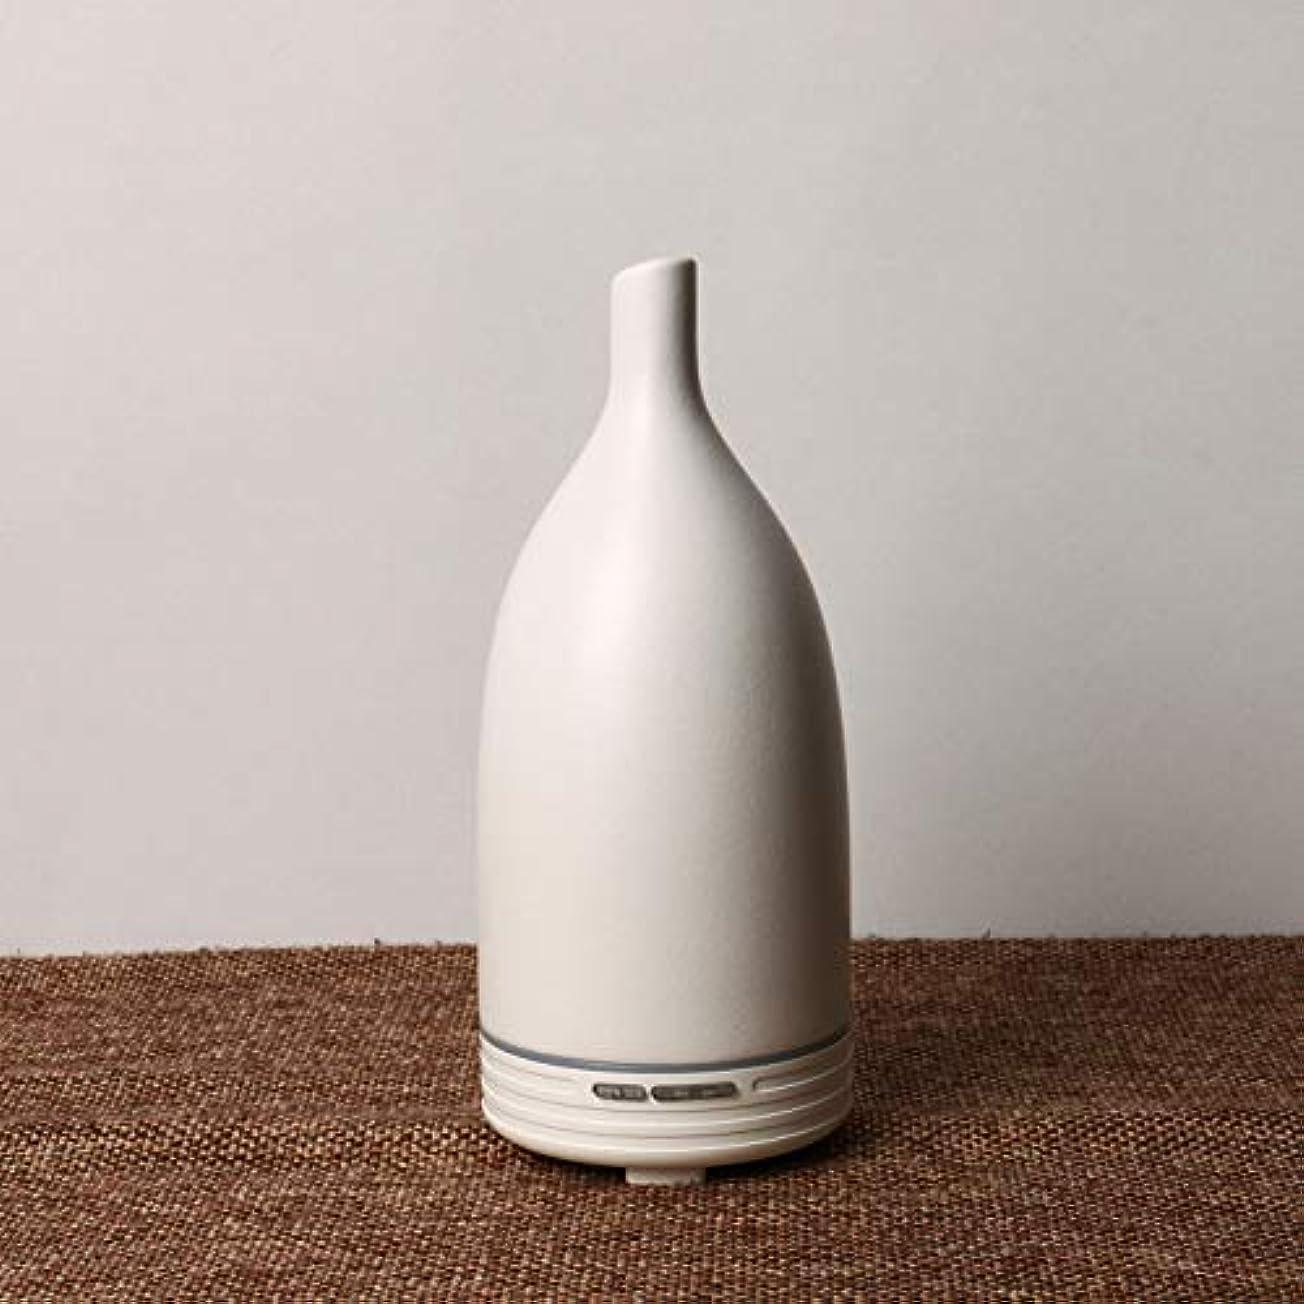 裁判官主人クラブアロマディスペンサー精油加湿器陶磁器の材質は家庭の事務用に適しています。 (ホワイト)